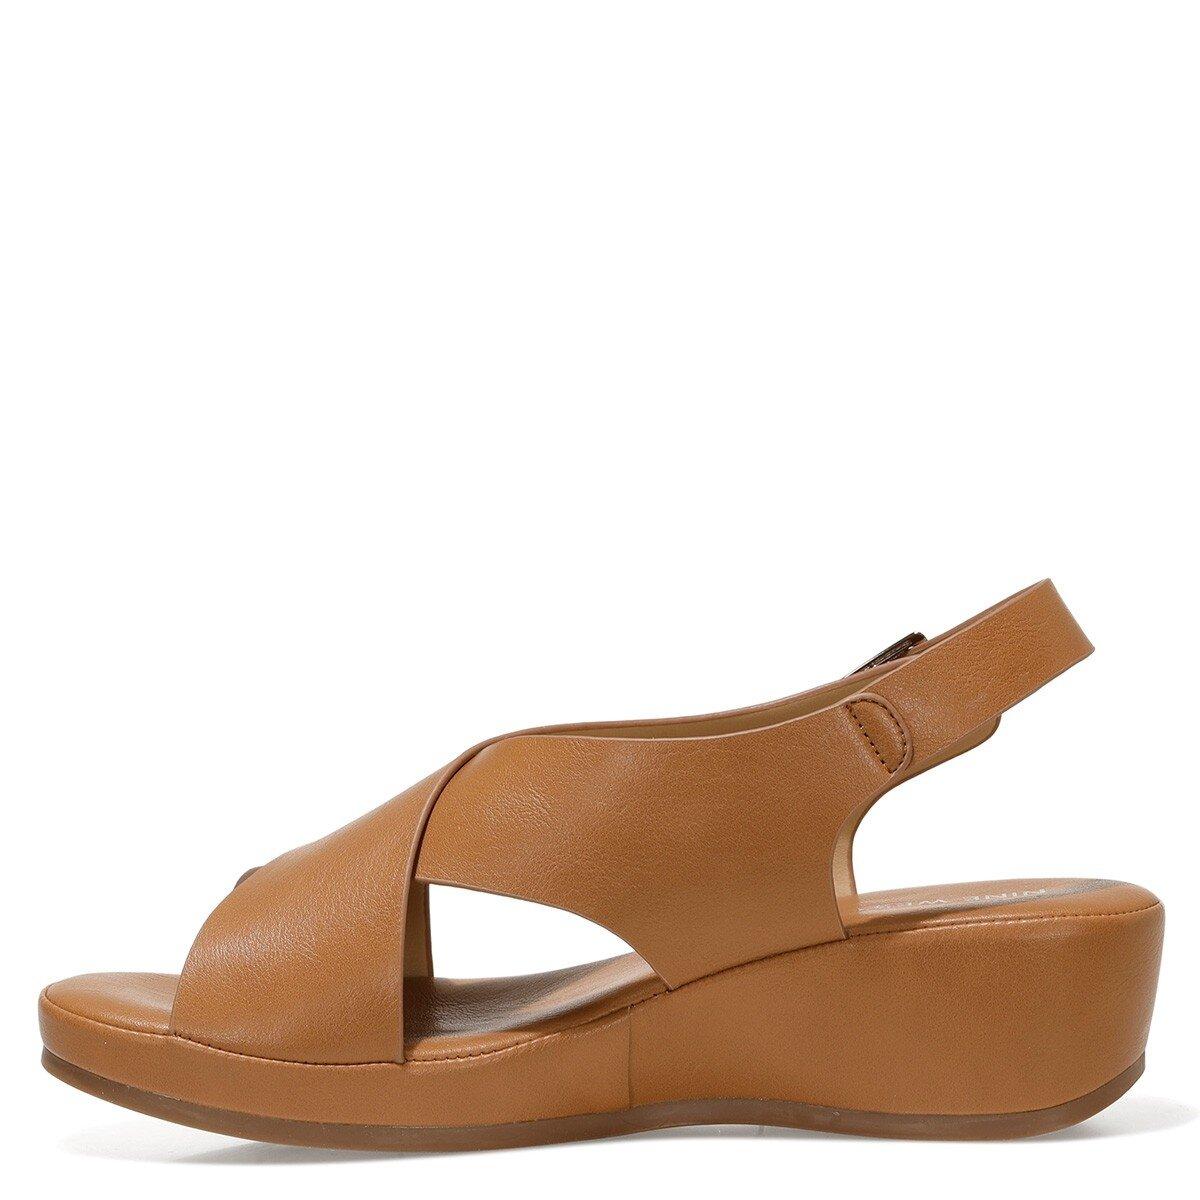 DANBIA 1FX Taba Kadın Dolgu Topuklu Sandalet